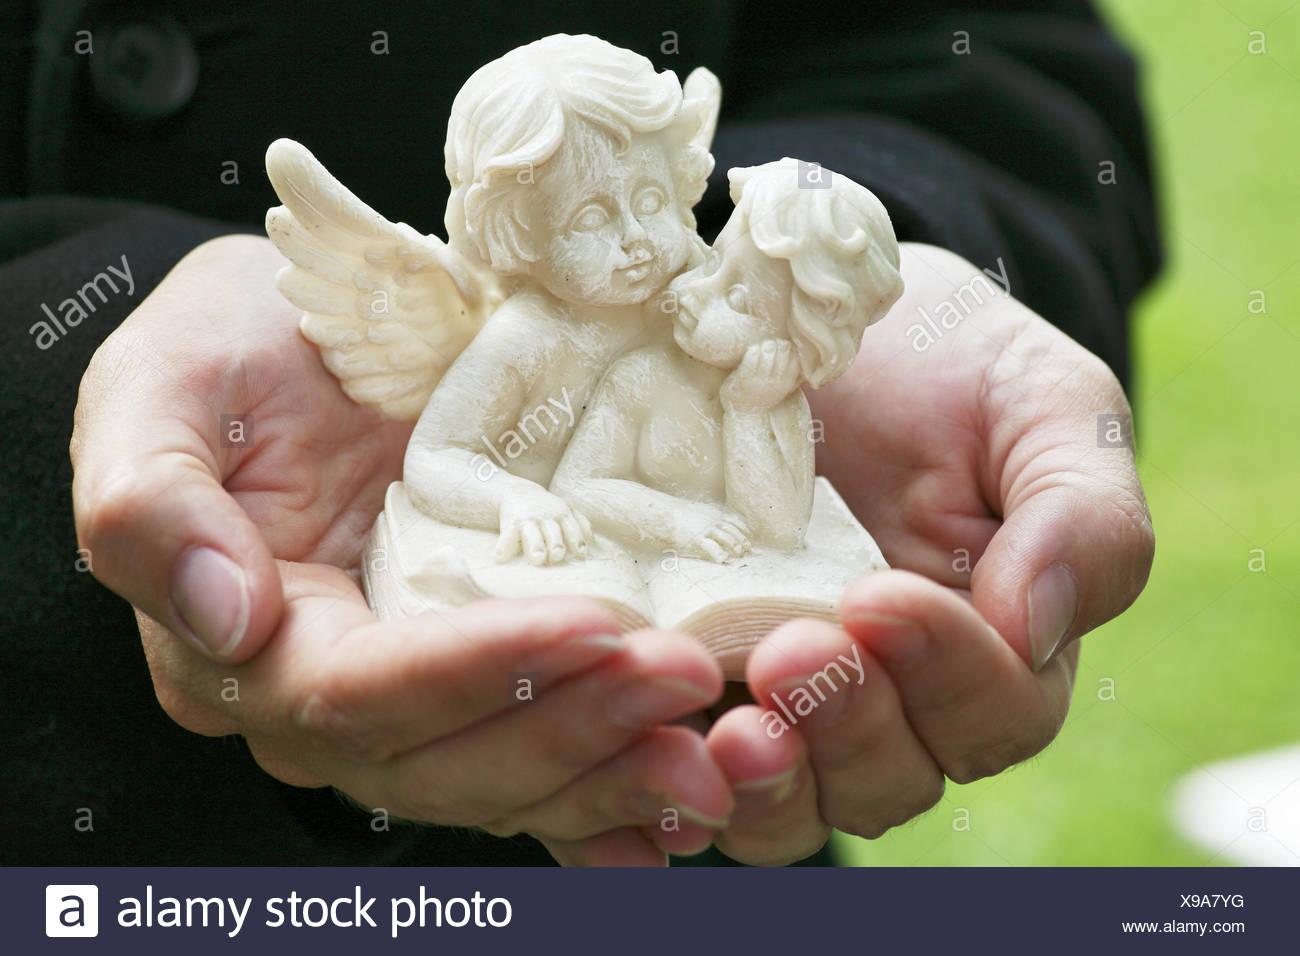 Engels Figur Hände Punkt Allerheiligen Engel Figur